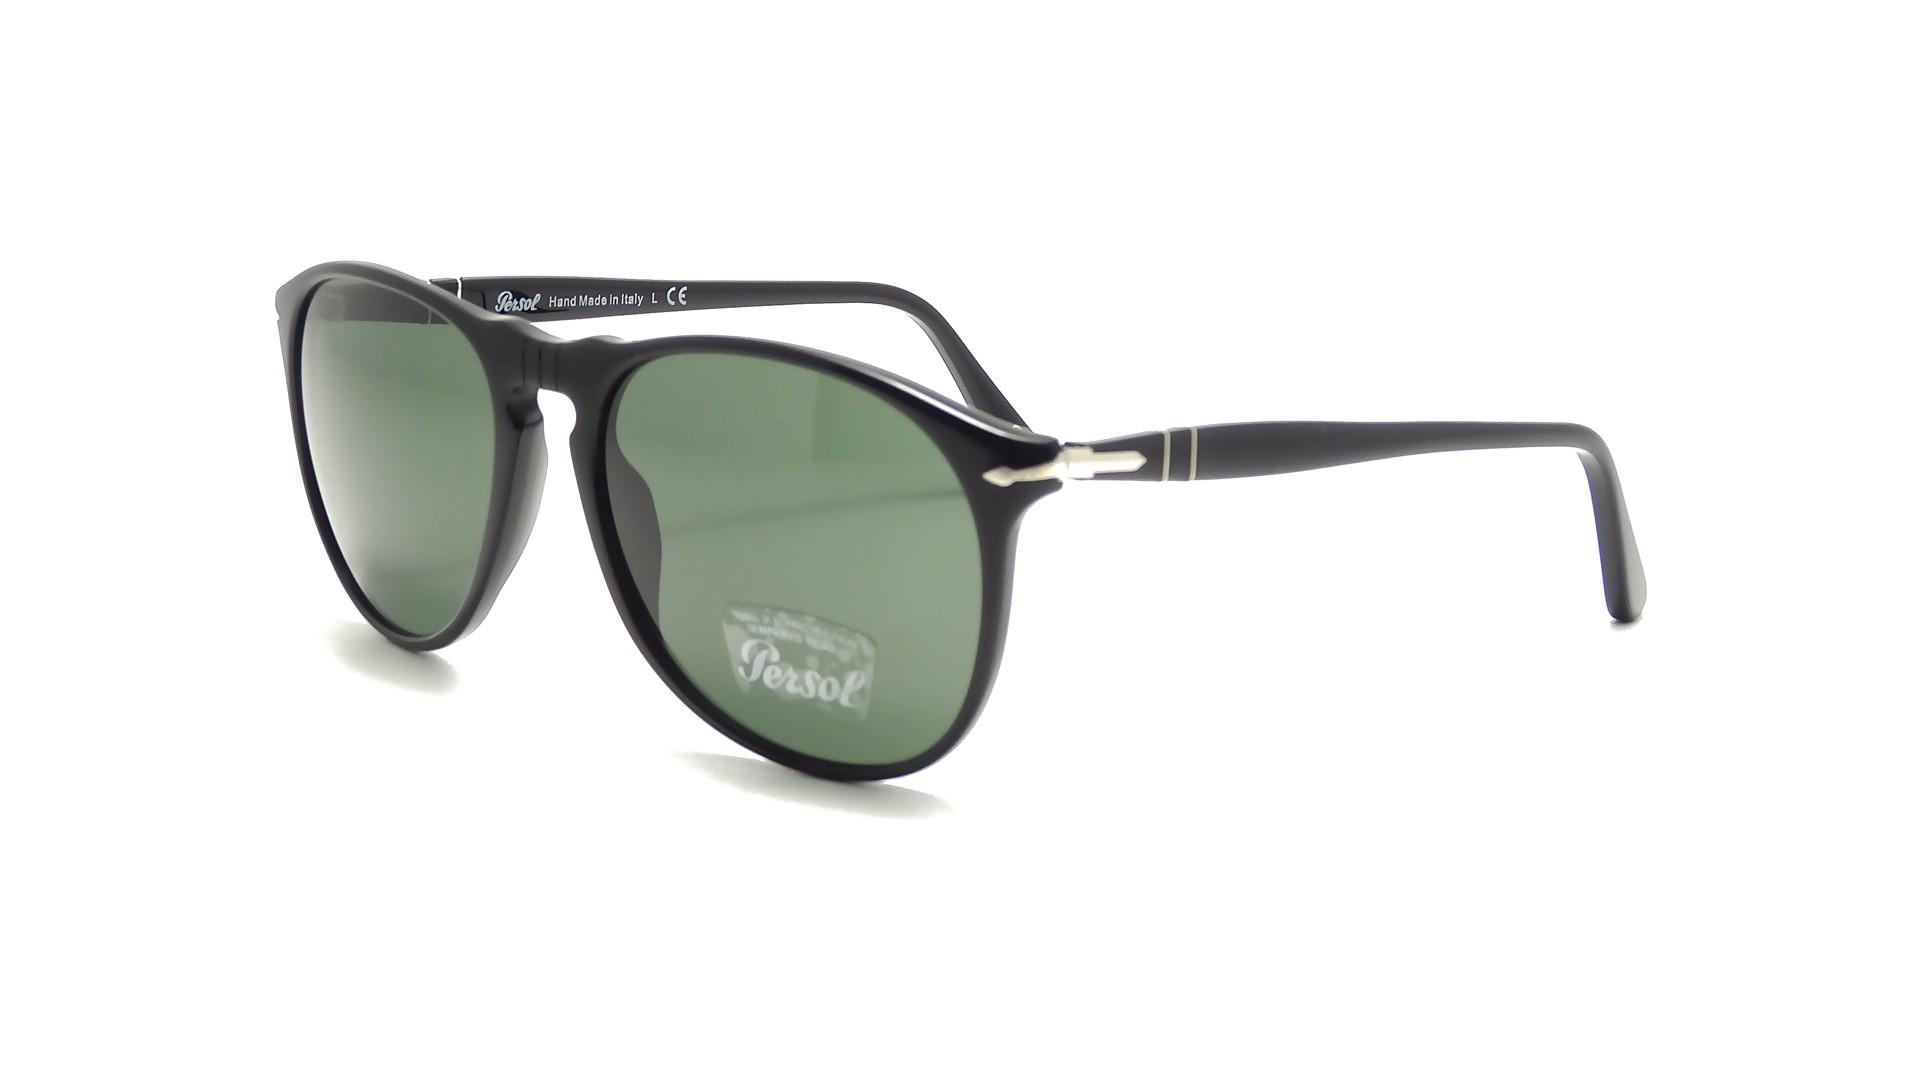 bf9b19a313 Sunglasses Persol PO9649S 95 31 52-18 Black Medium